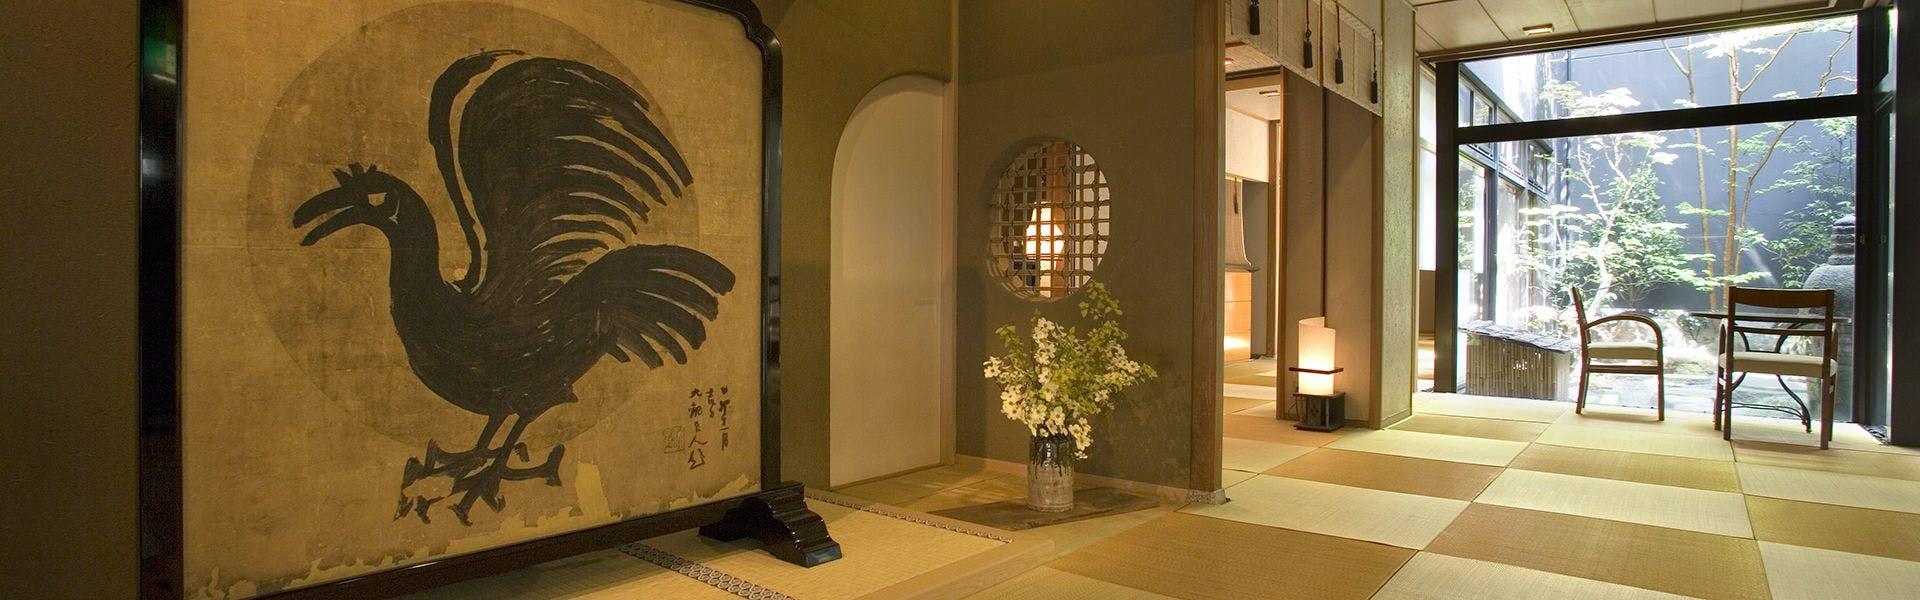 記念日におすすめのホテル・あらや滔々庵の写真1